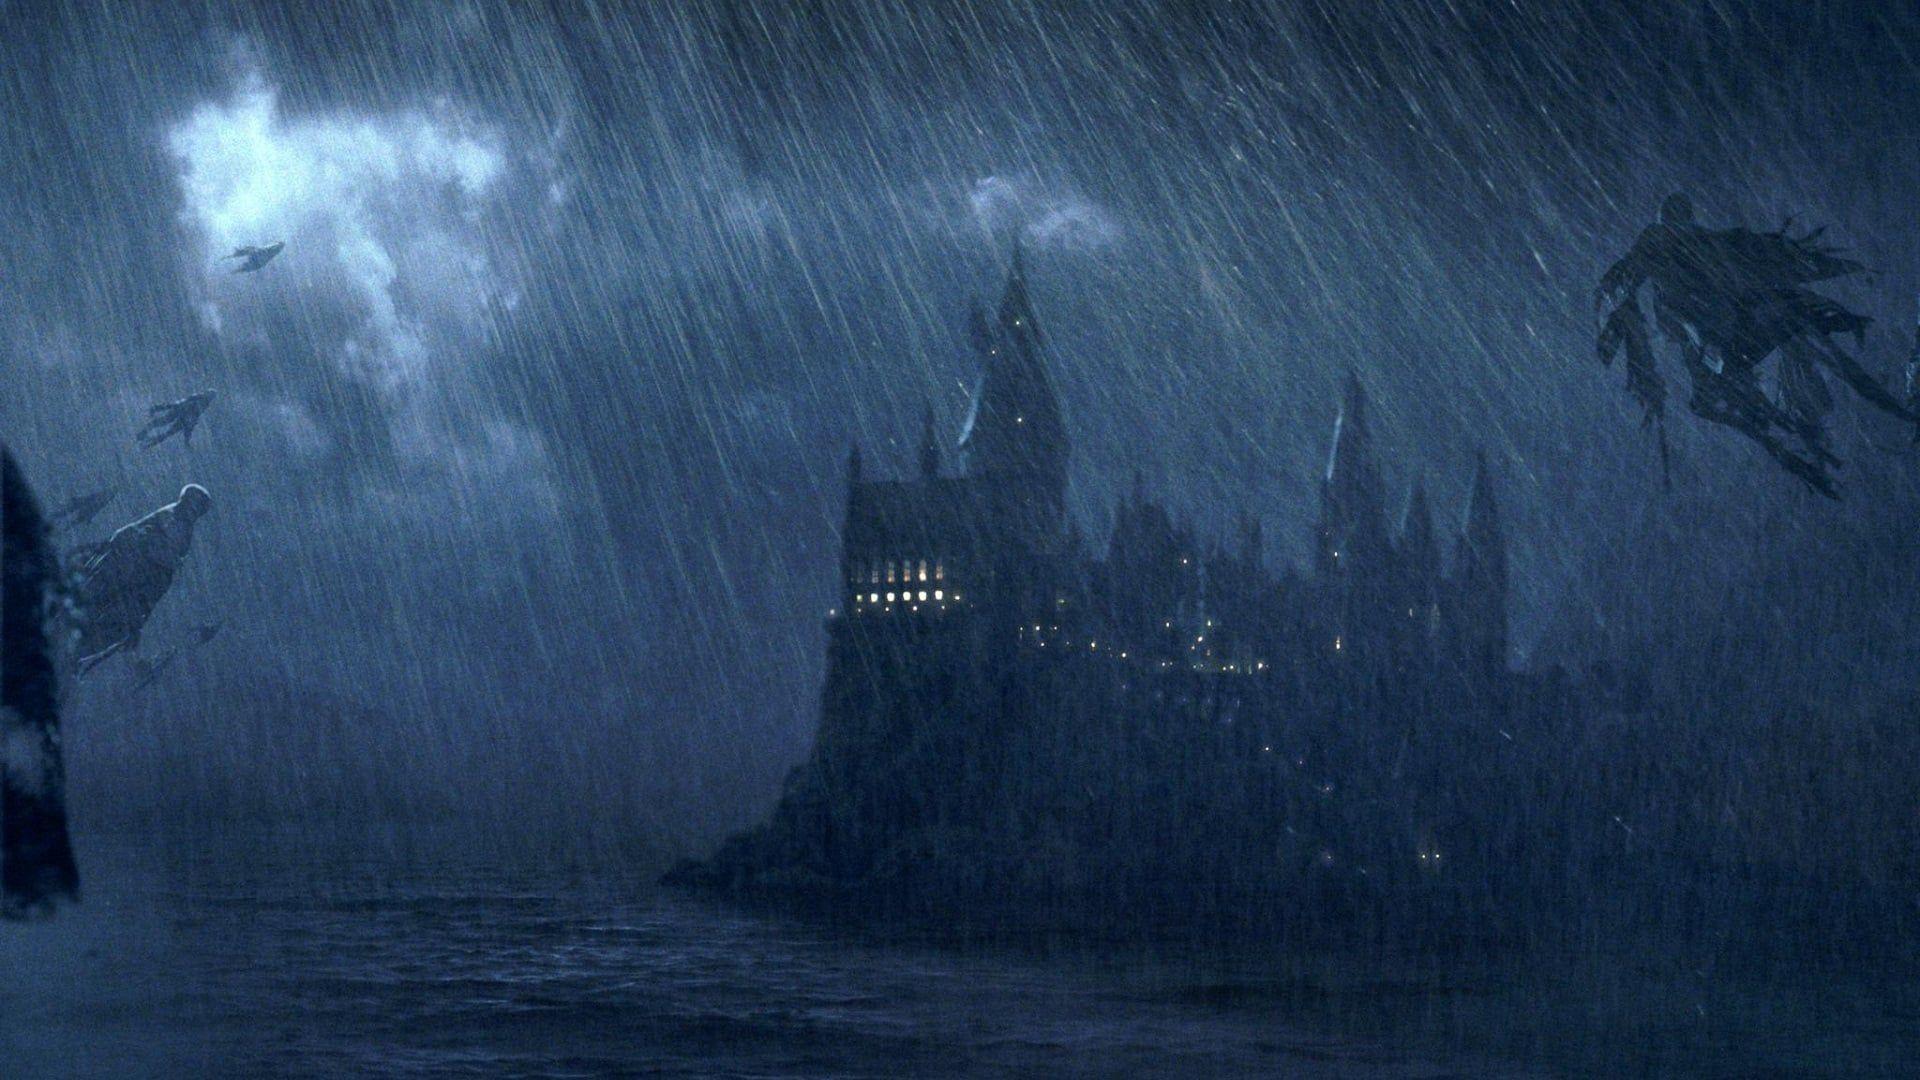 Harry Potter Et Le Prisonnier D Azkaban 2004 Stream Film Complet Vf Francais Sirius Black Un Danger In 2020 Prisoner Of Azkaban Harry Potter Films Harry Potter Movies